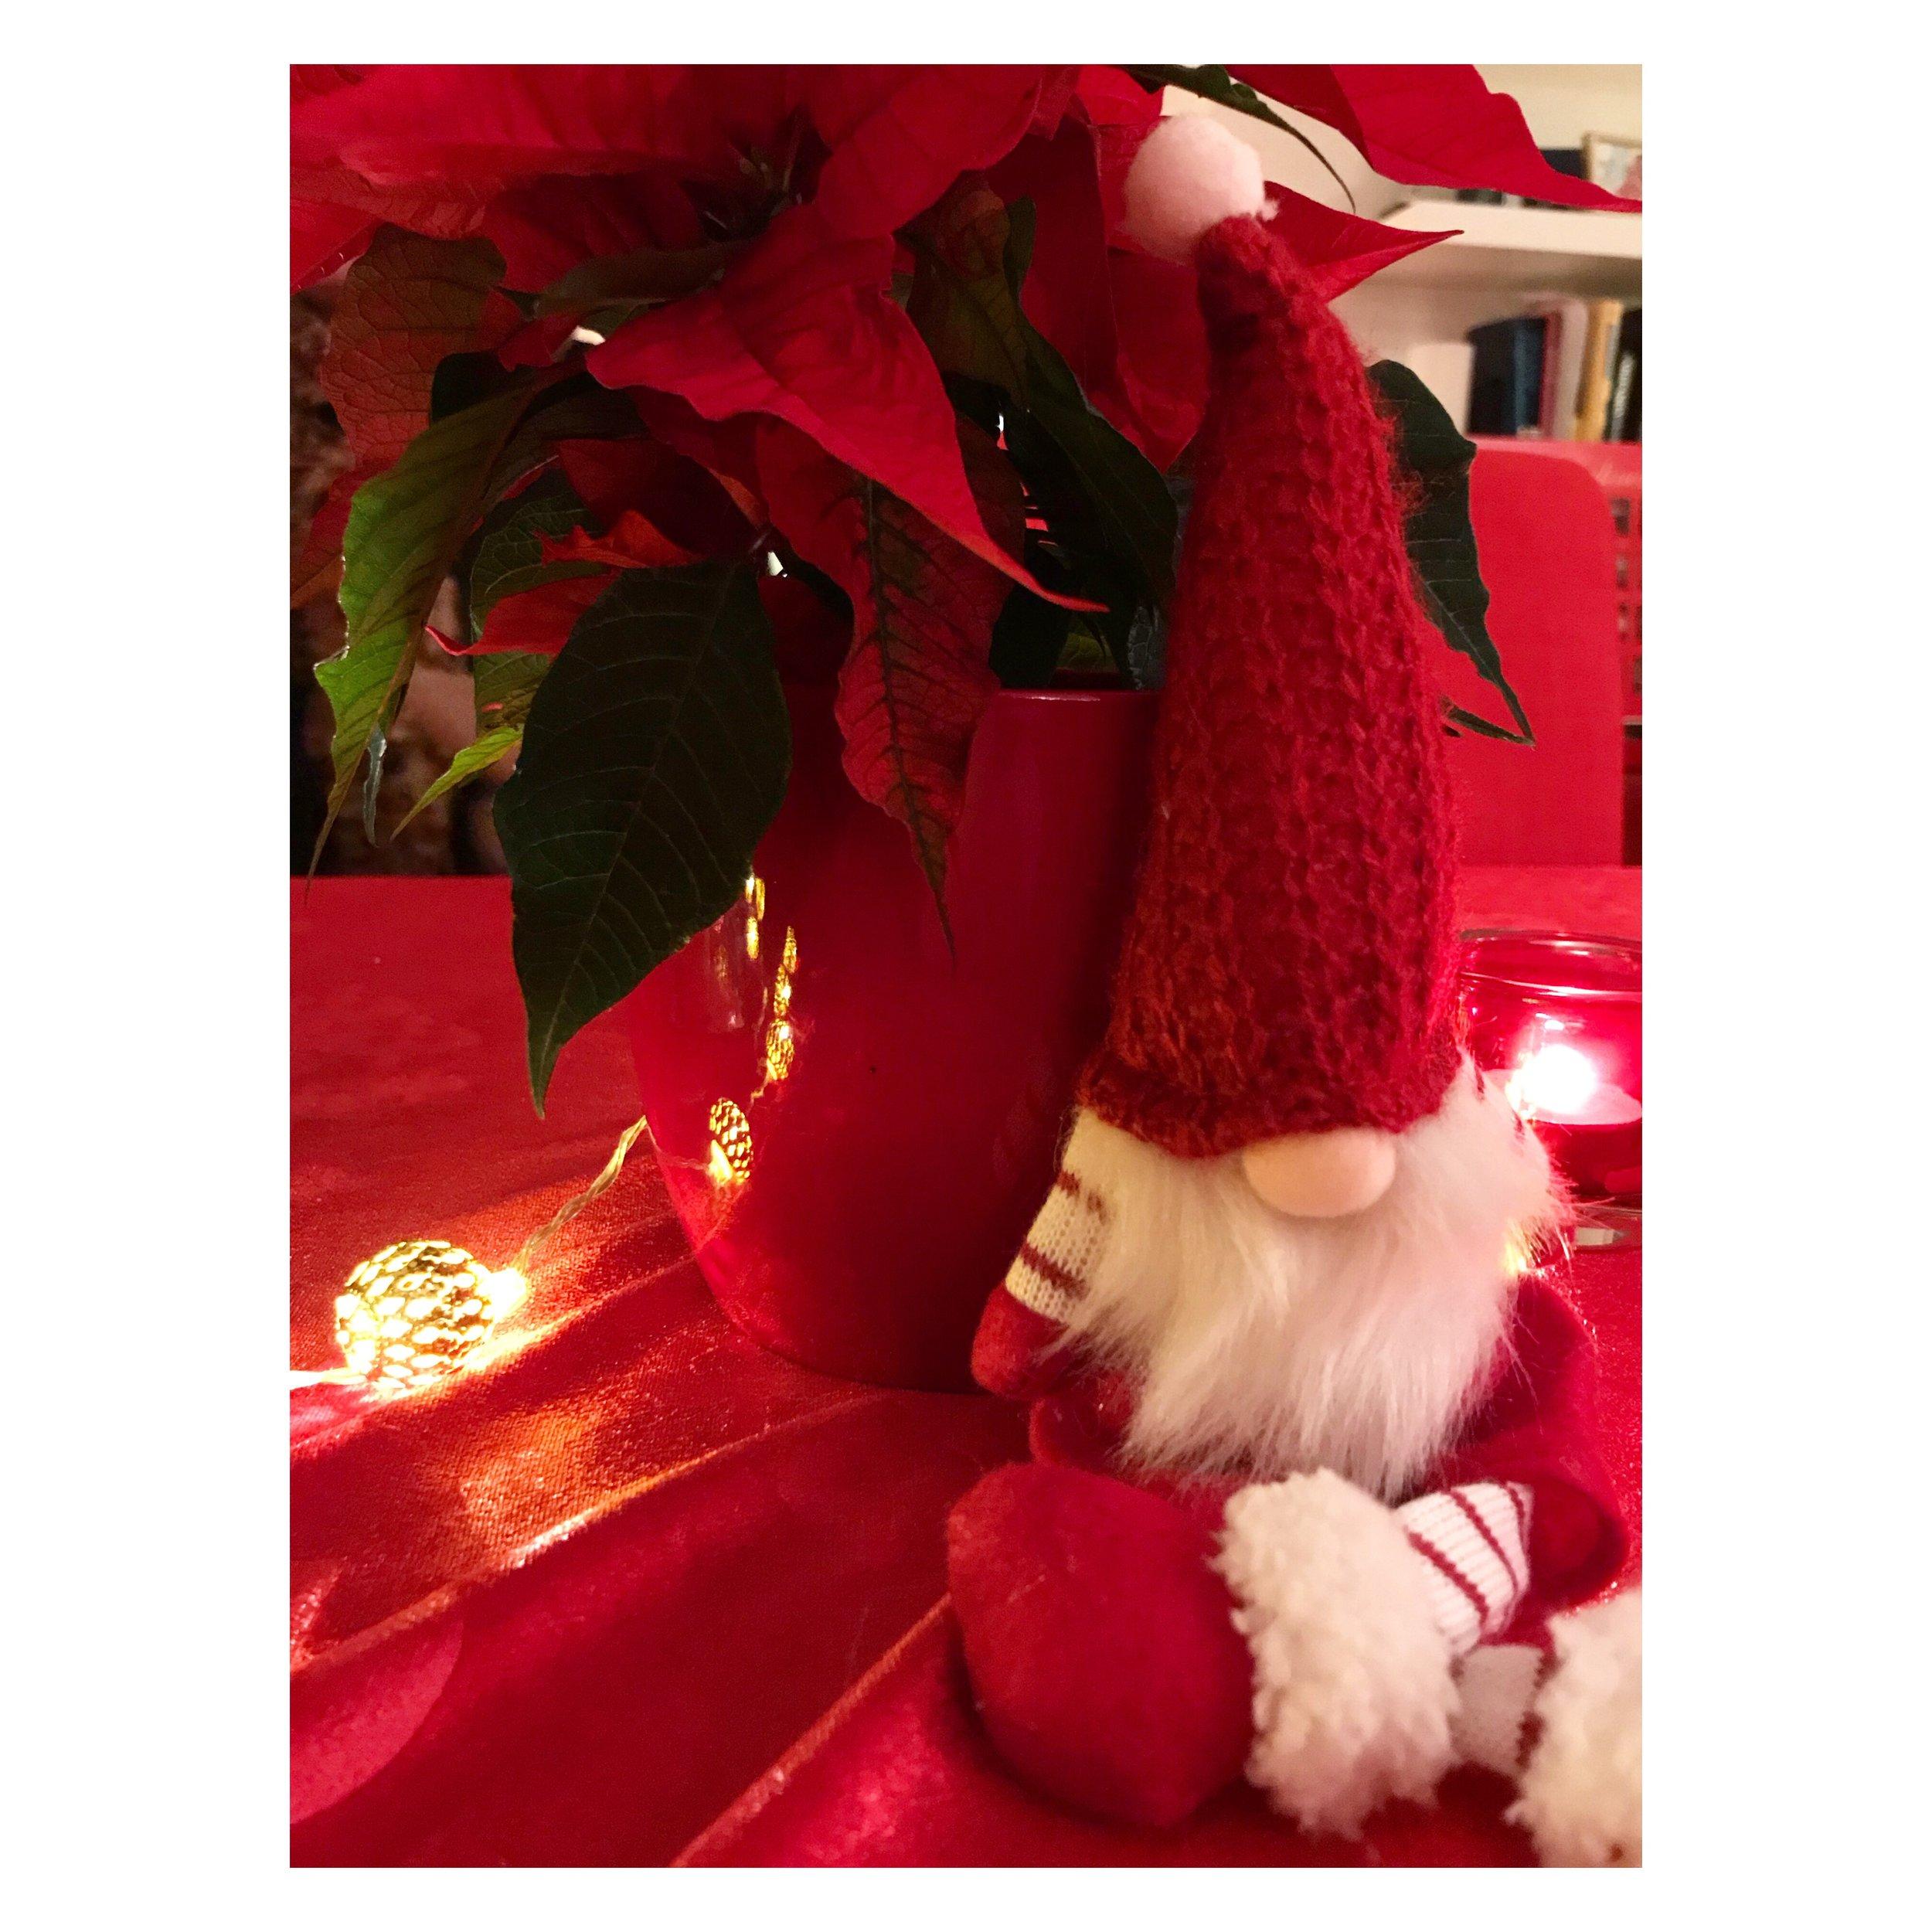 Efter detta år med många roliga händelser och projekt går vi nu på välbehövligt jullov. Vi vill önska er alla en riktigt god jul & gott nytt år så ses vi igen under det nya året!